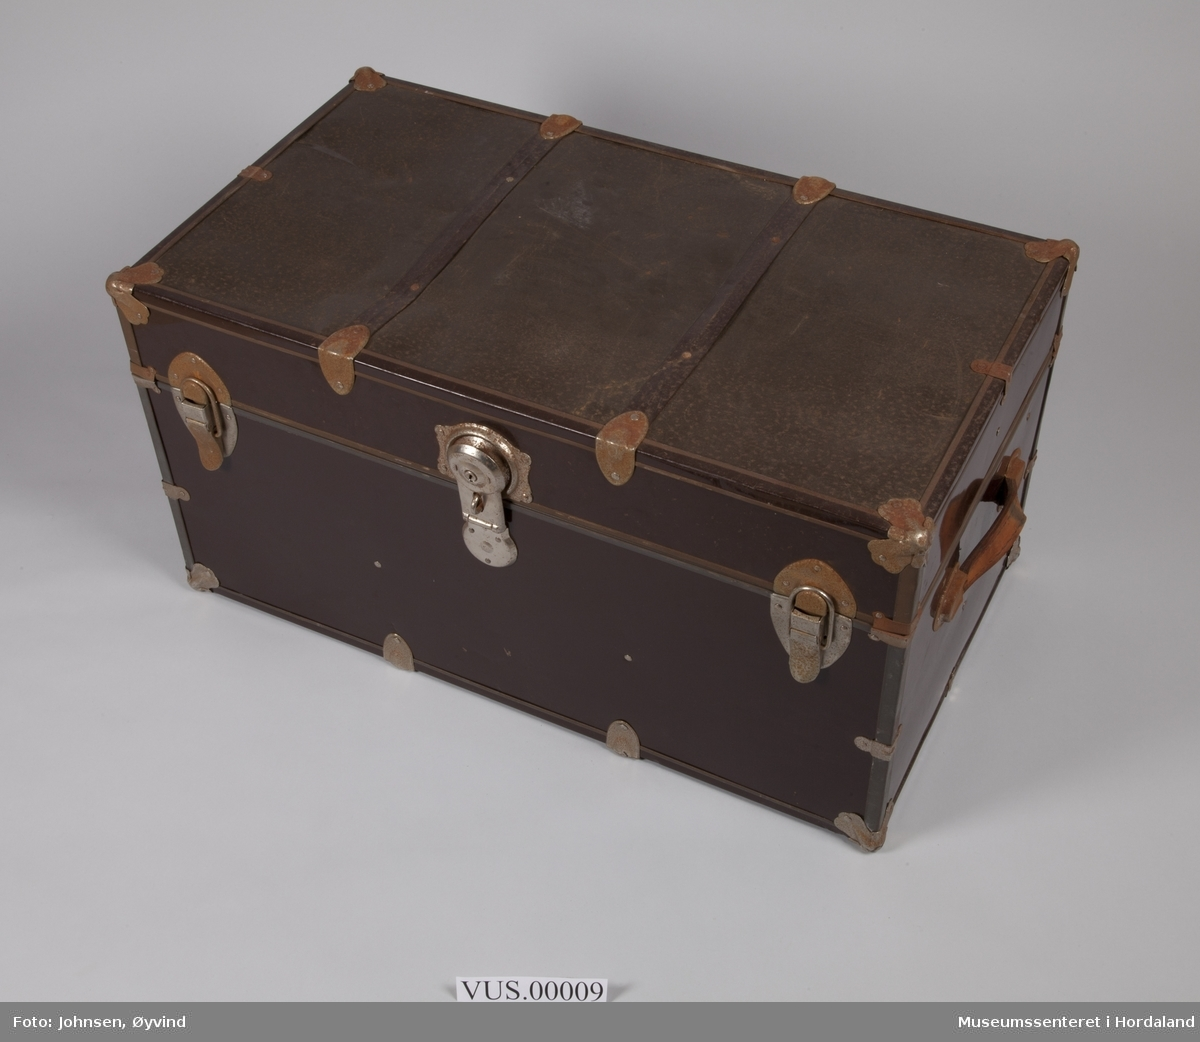 Brun, dyp koffert med lås og to hengsler. To bærehåndtak, metallforsterkninger på hjørner. Trukket med blått- og hvitmønstret papir innvendig. Er påklistret/påhengt tre etiketter med tekst.